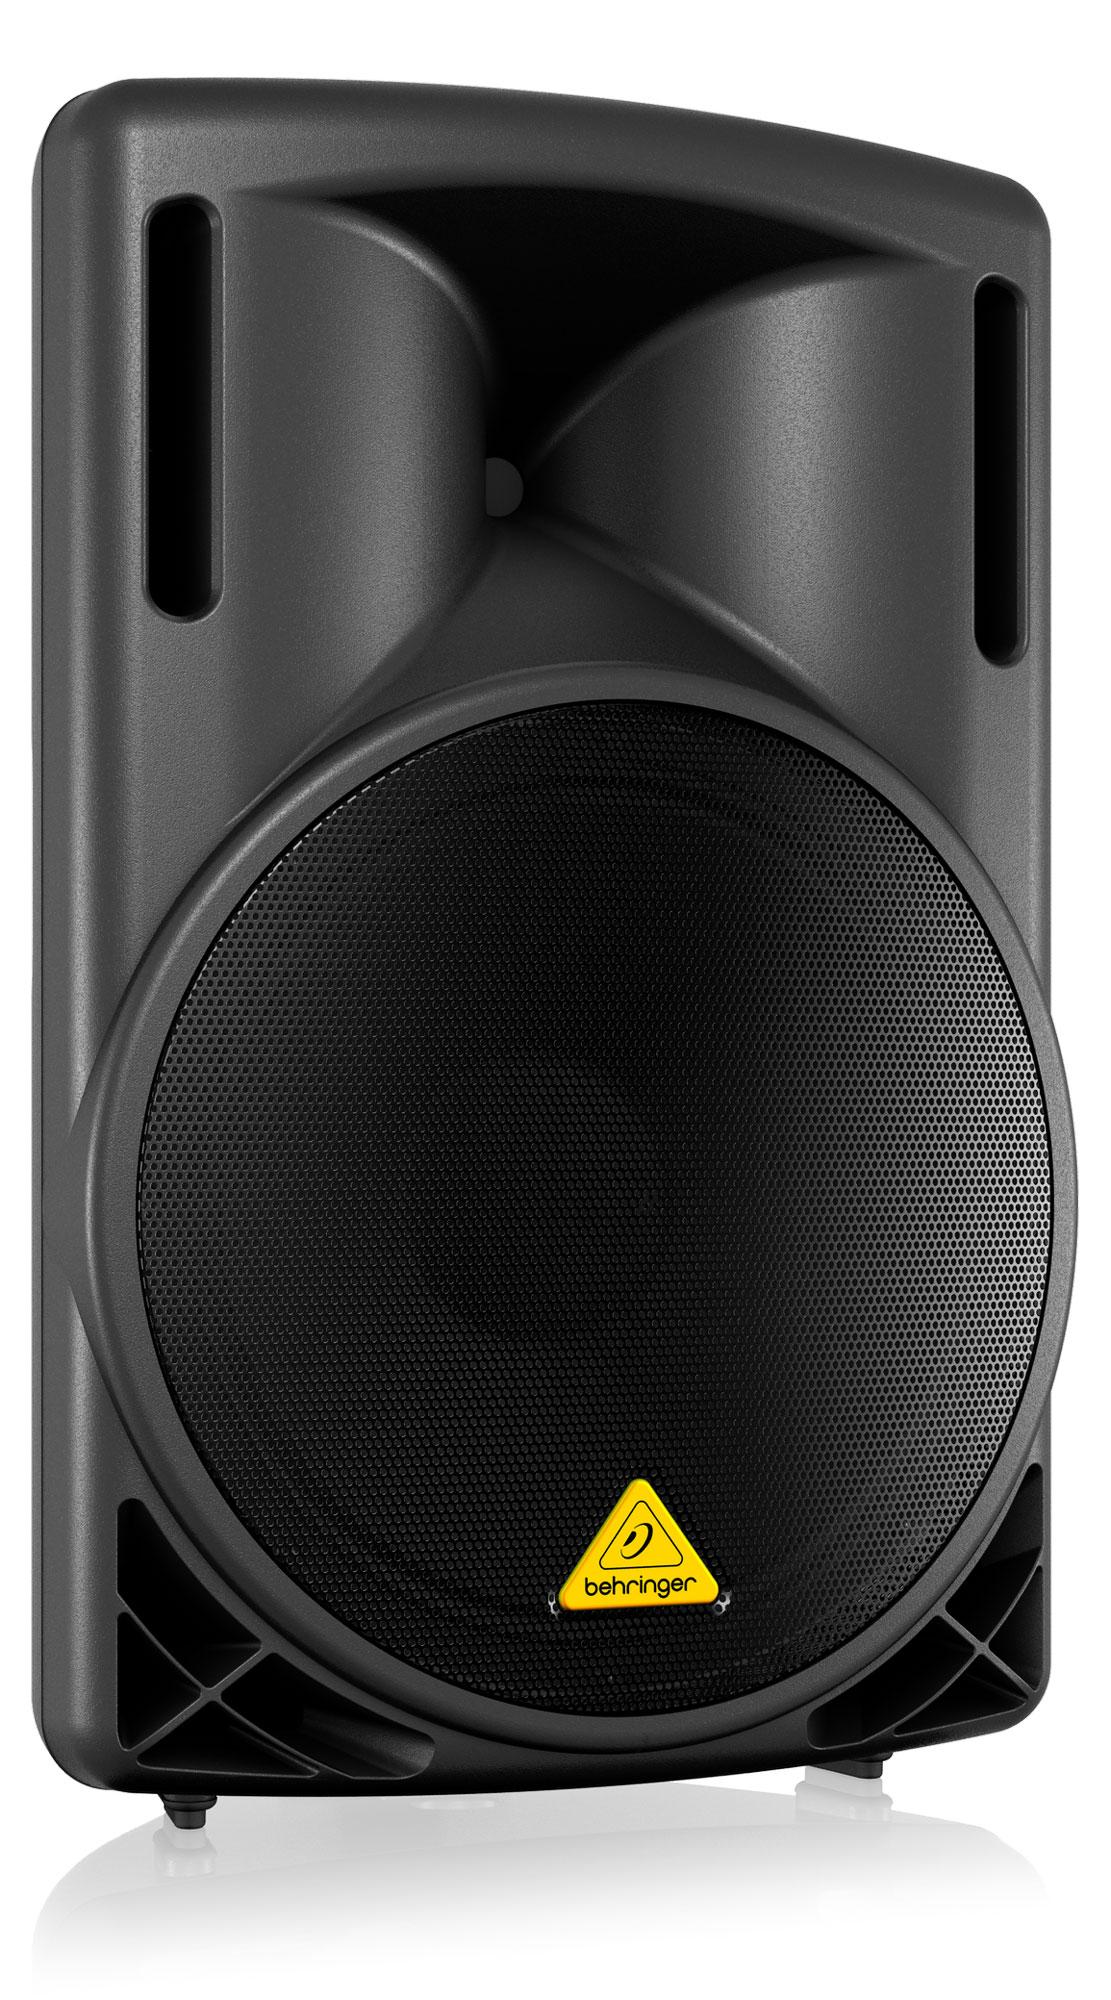 Paendstufen - Behringer B215D Aktiv 2 Wege Lautsprecher Retoure (Zustand sehr gut) - Onlineshop Musikhaus Kirstein